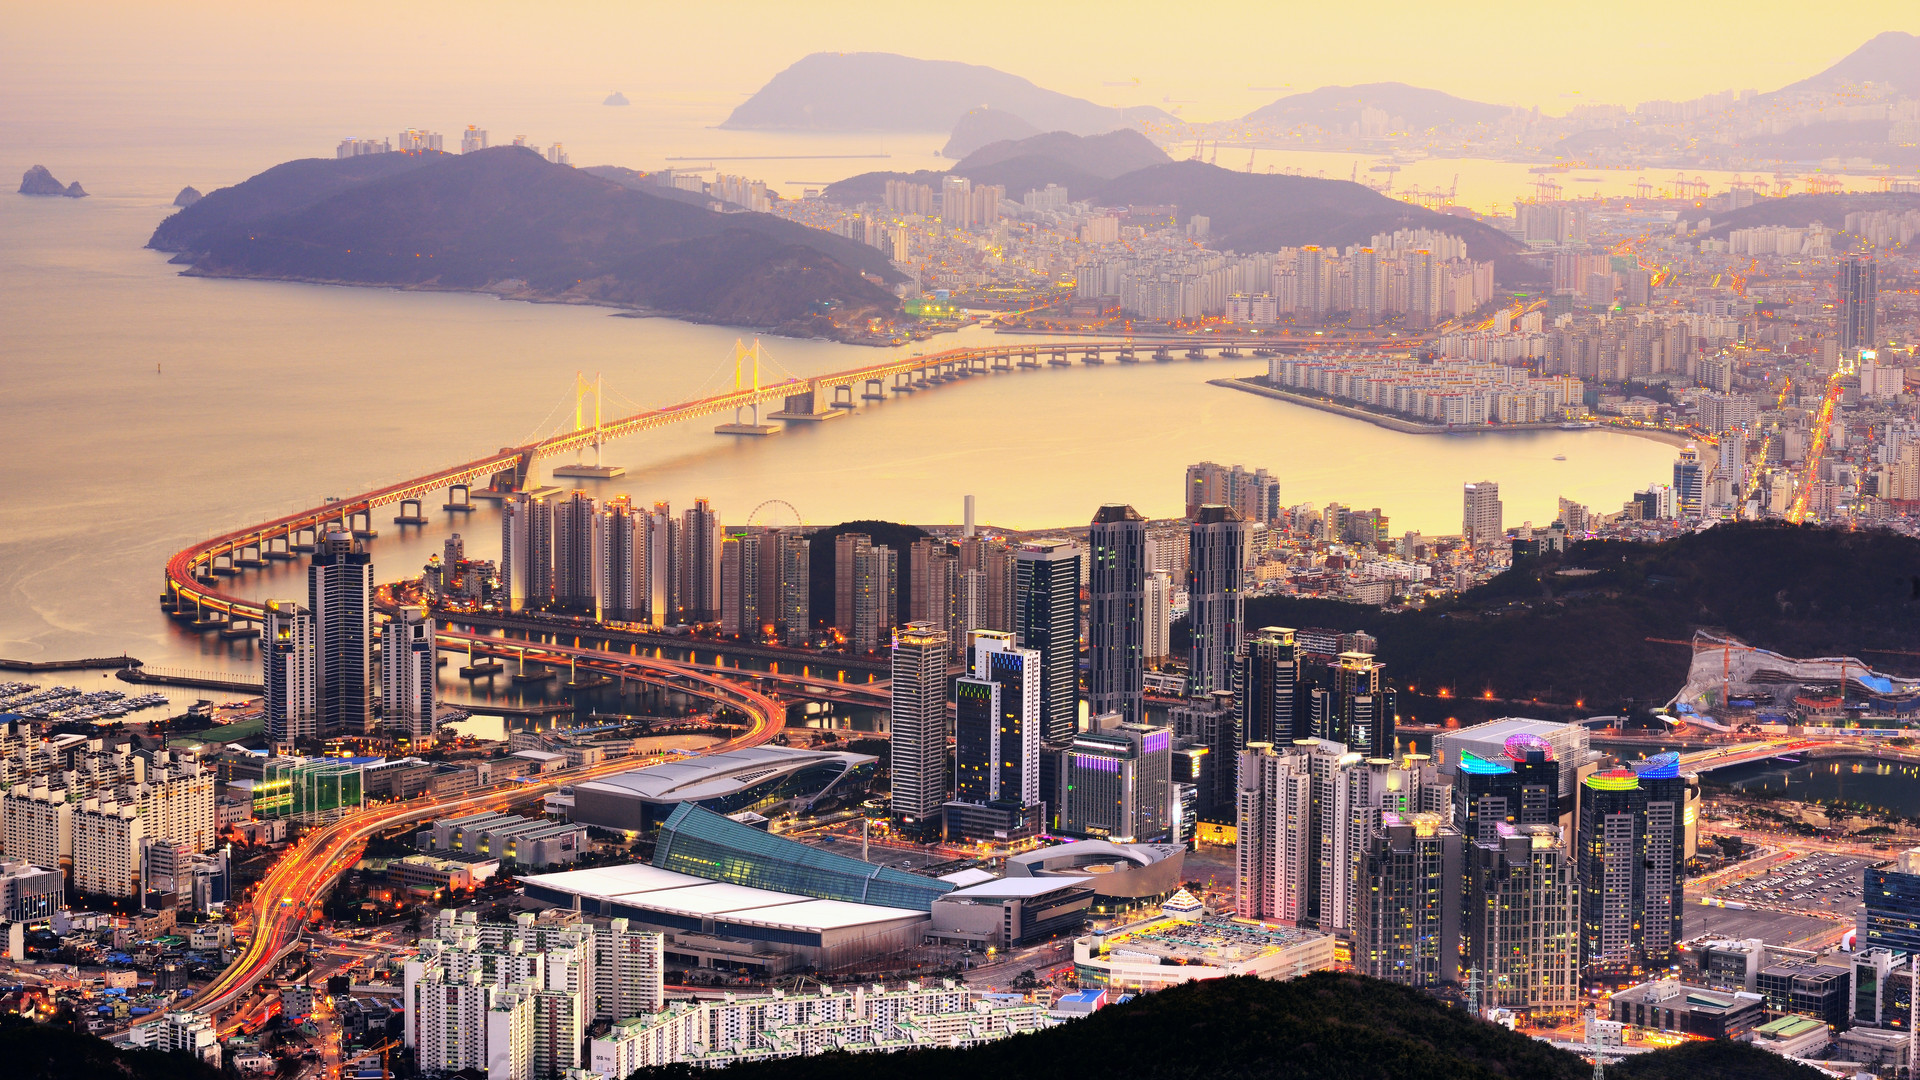 busan-south-korea-PD2LFVZ.jpg